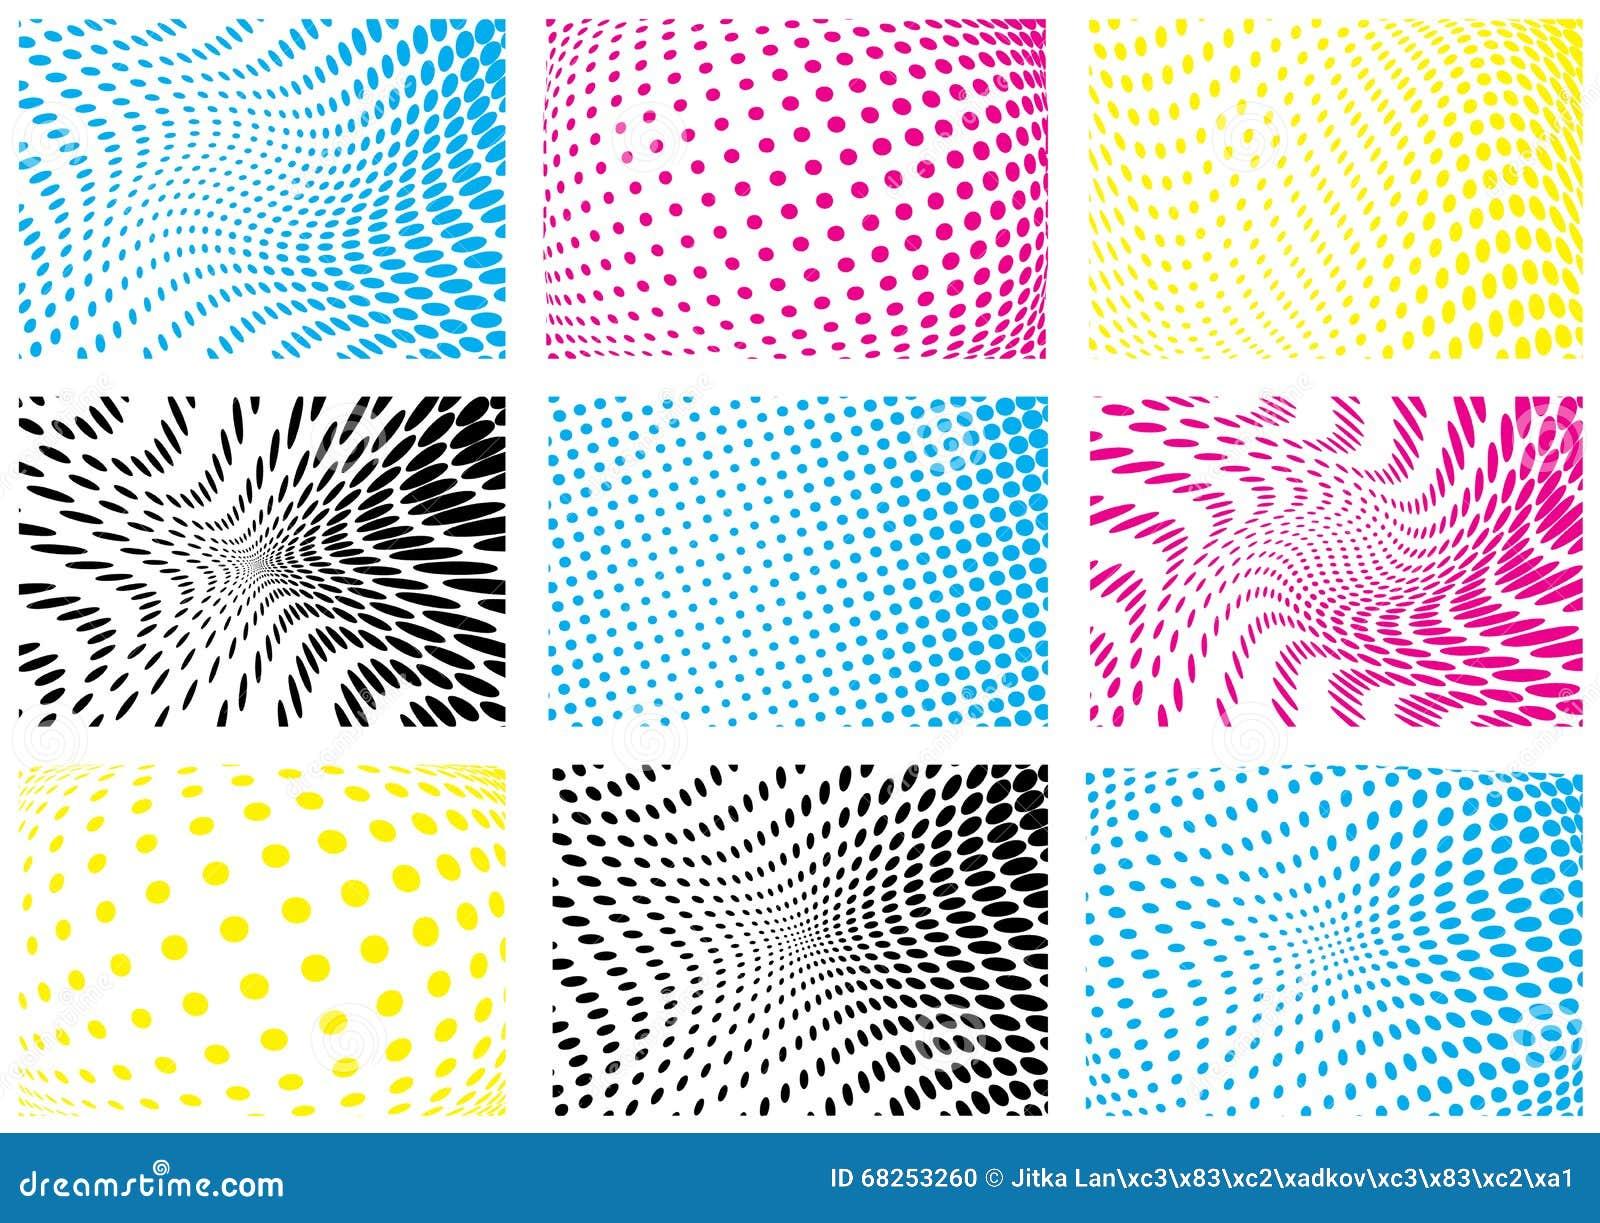 Color halftone printing - Color Halftone Printing Set Of Cmyk Color Halftone Backgrounds